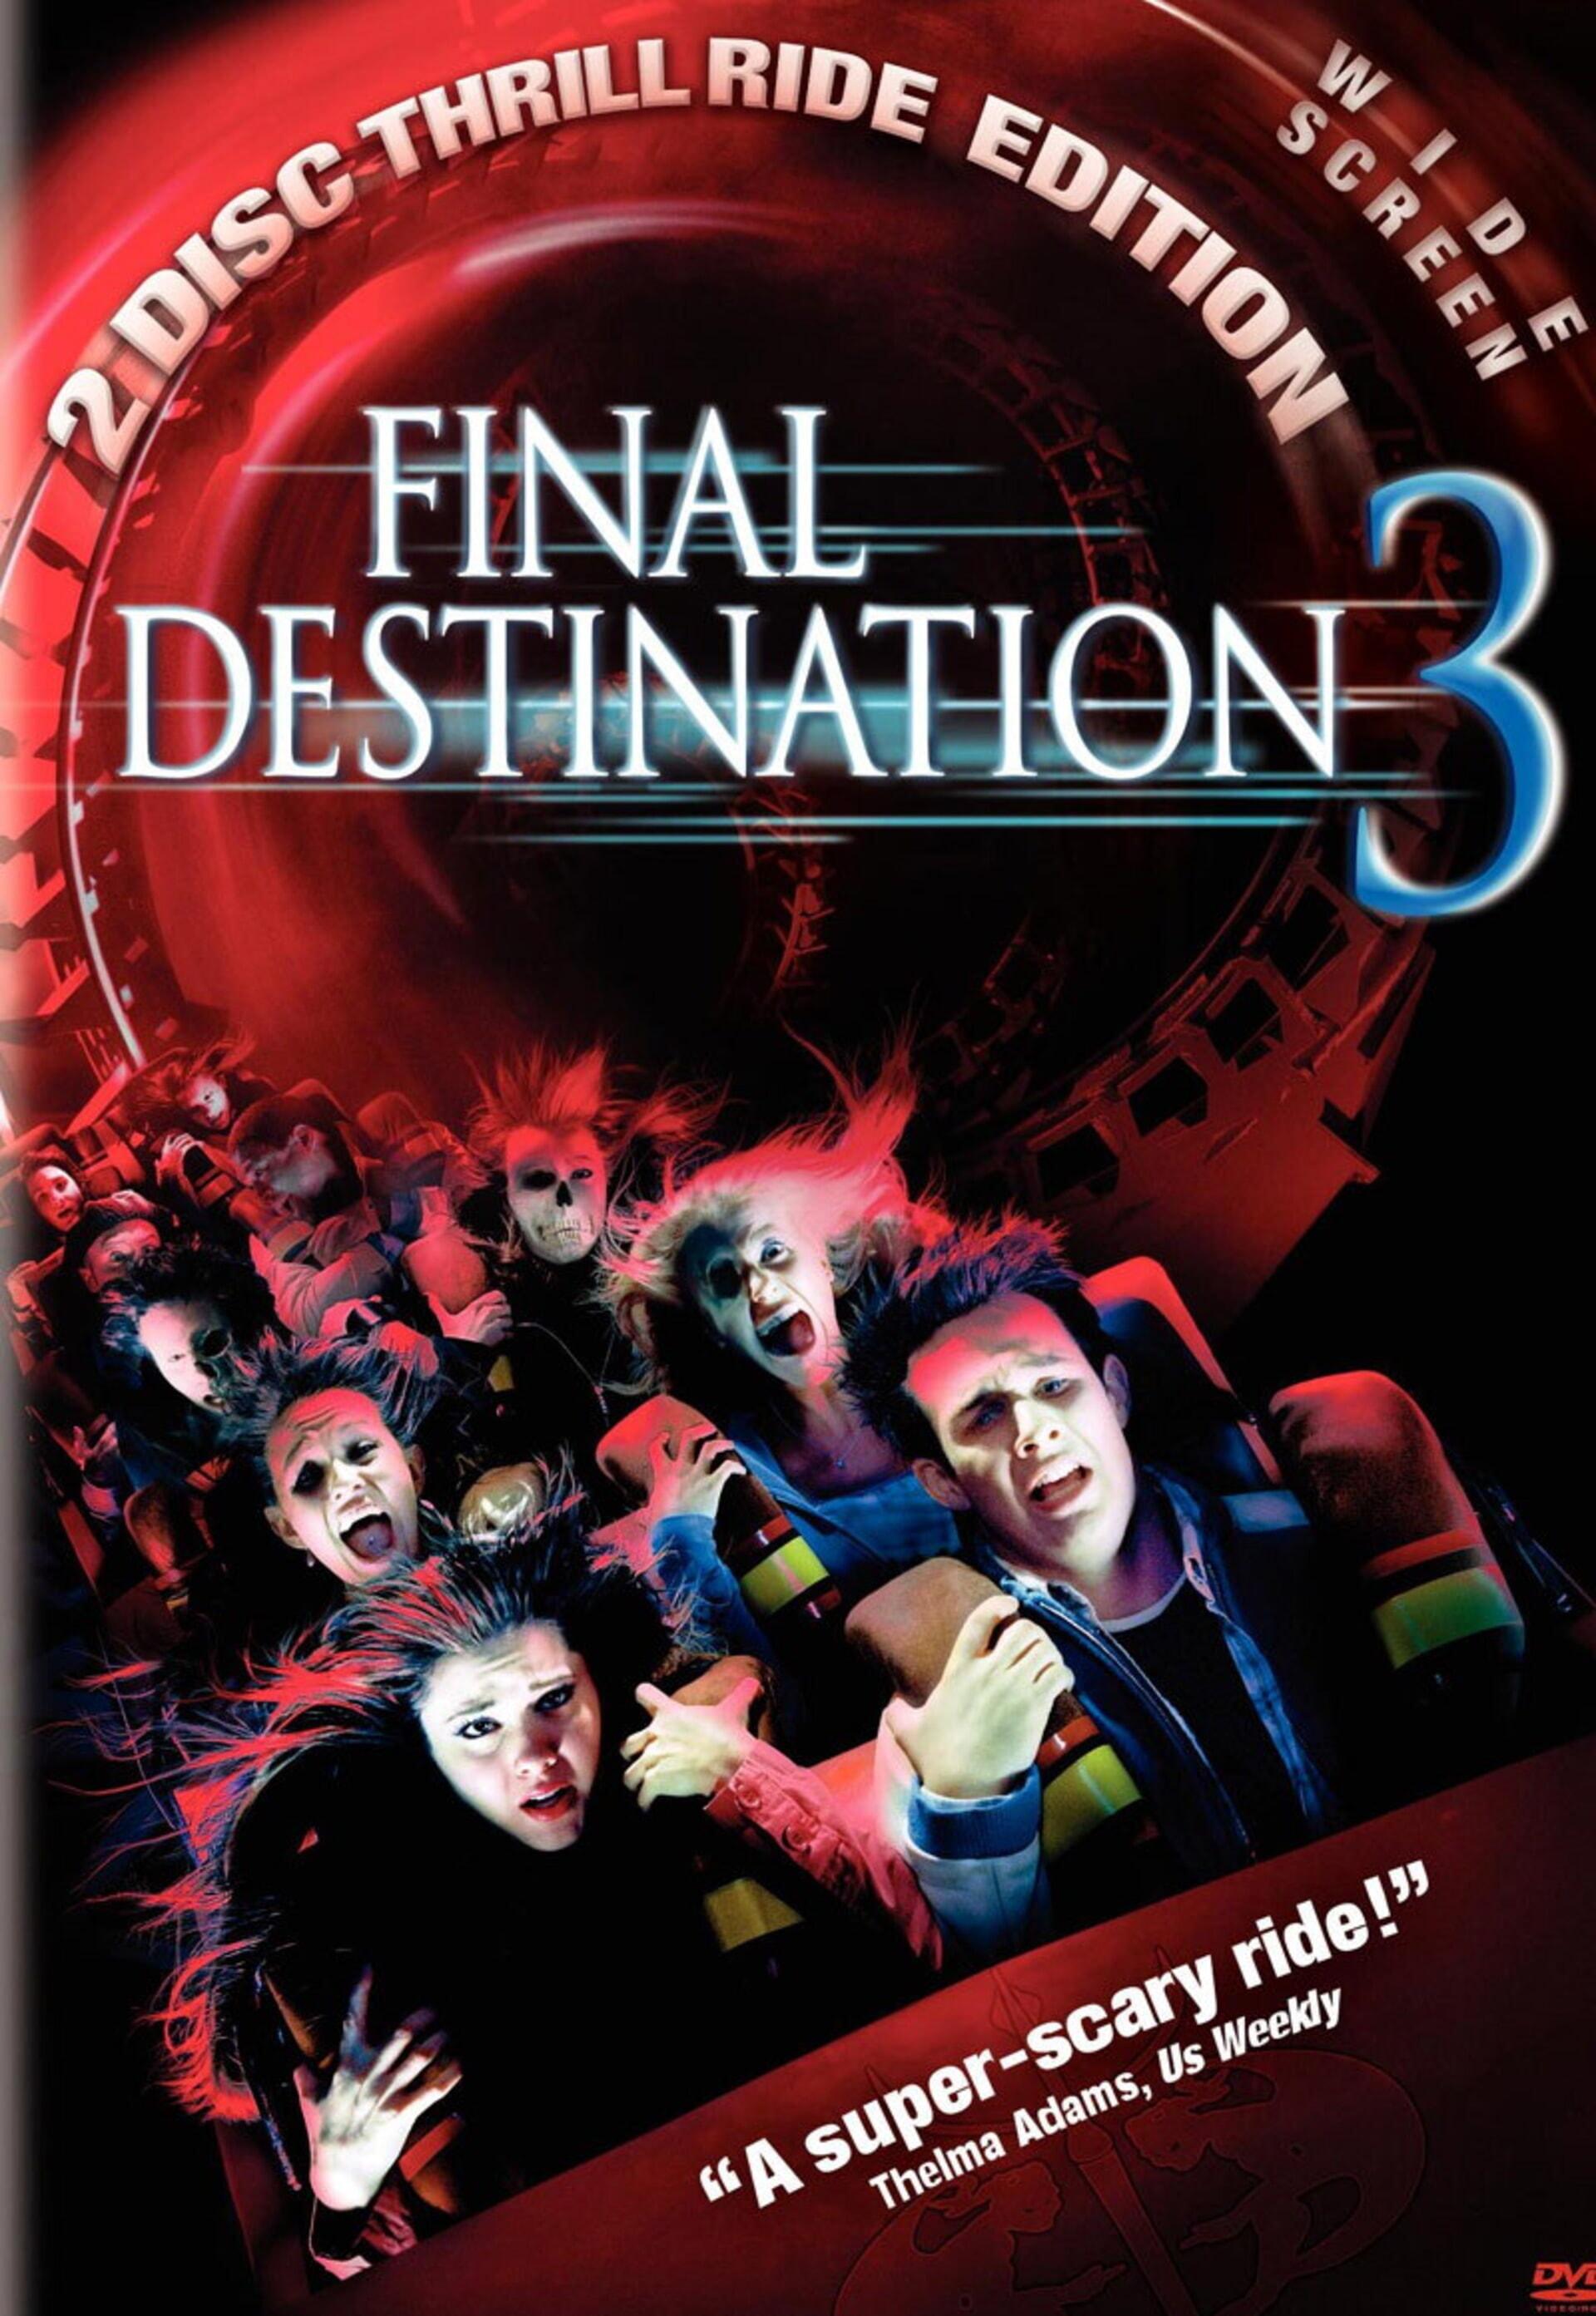 Final Destination 3 - Poster 2